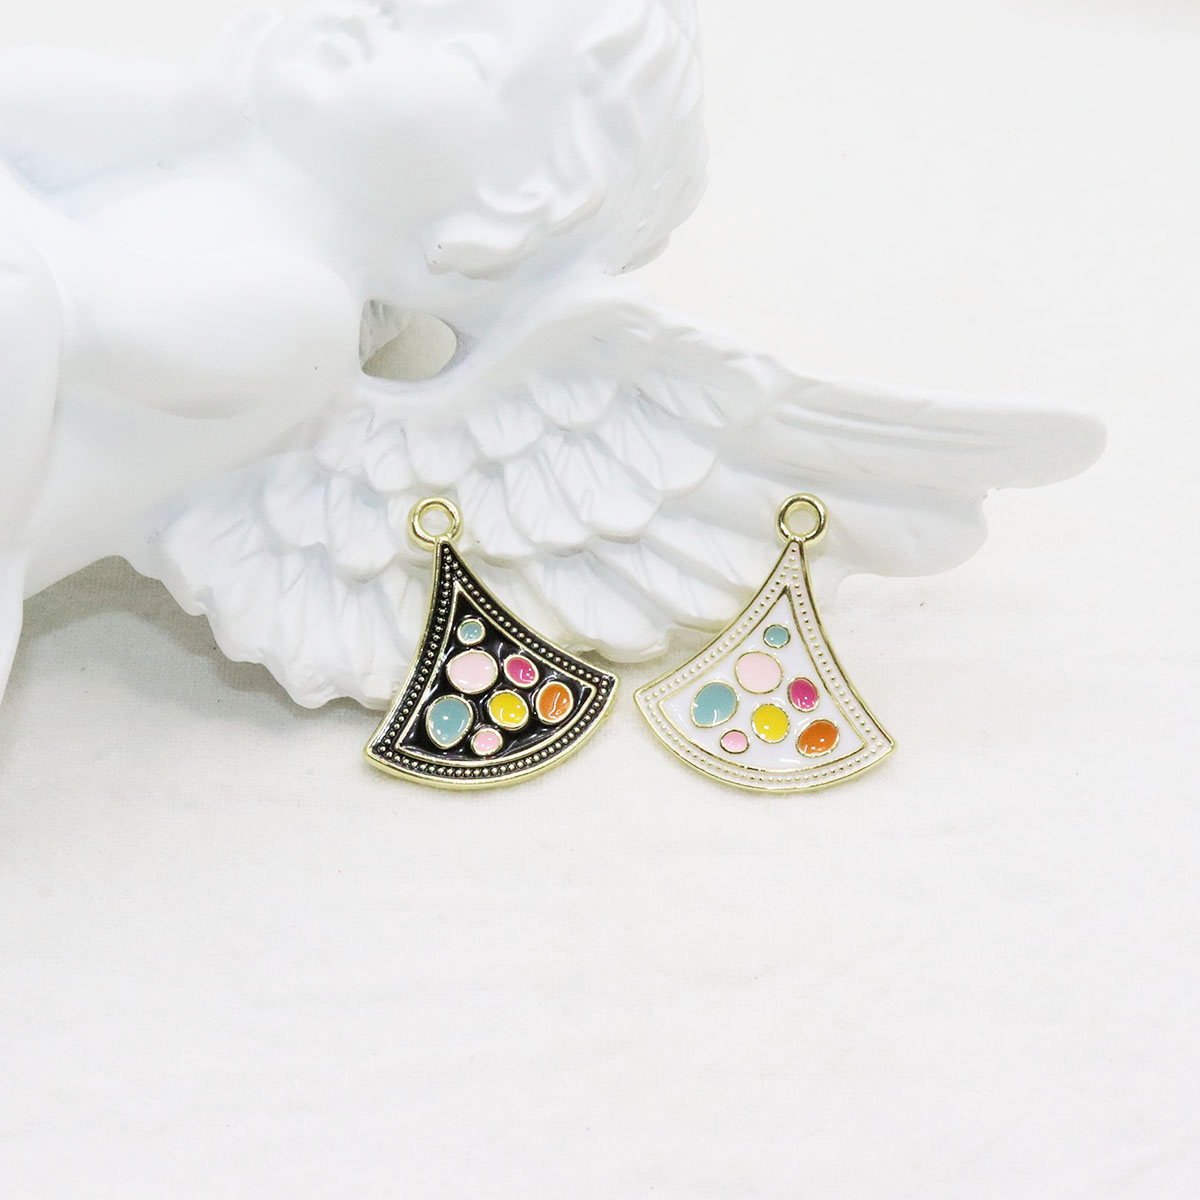 Eruifa 6 шт. 20 мм красивые ювелирные изделия из цинкового сплава эпоксидной смолы DIY Подвески ожерелье, серьги браслет 2 цвета